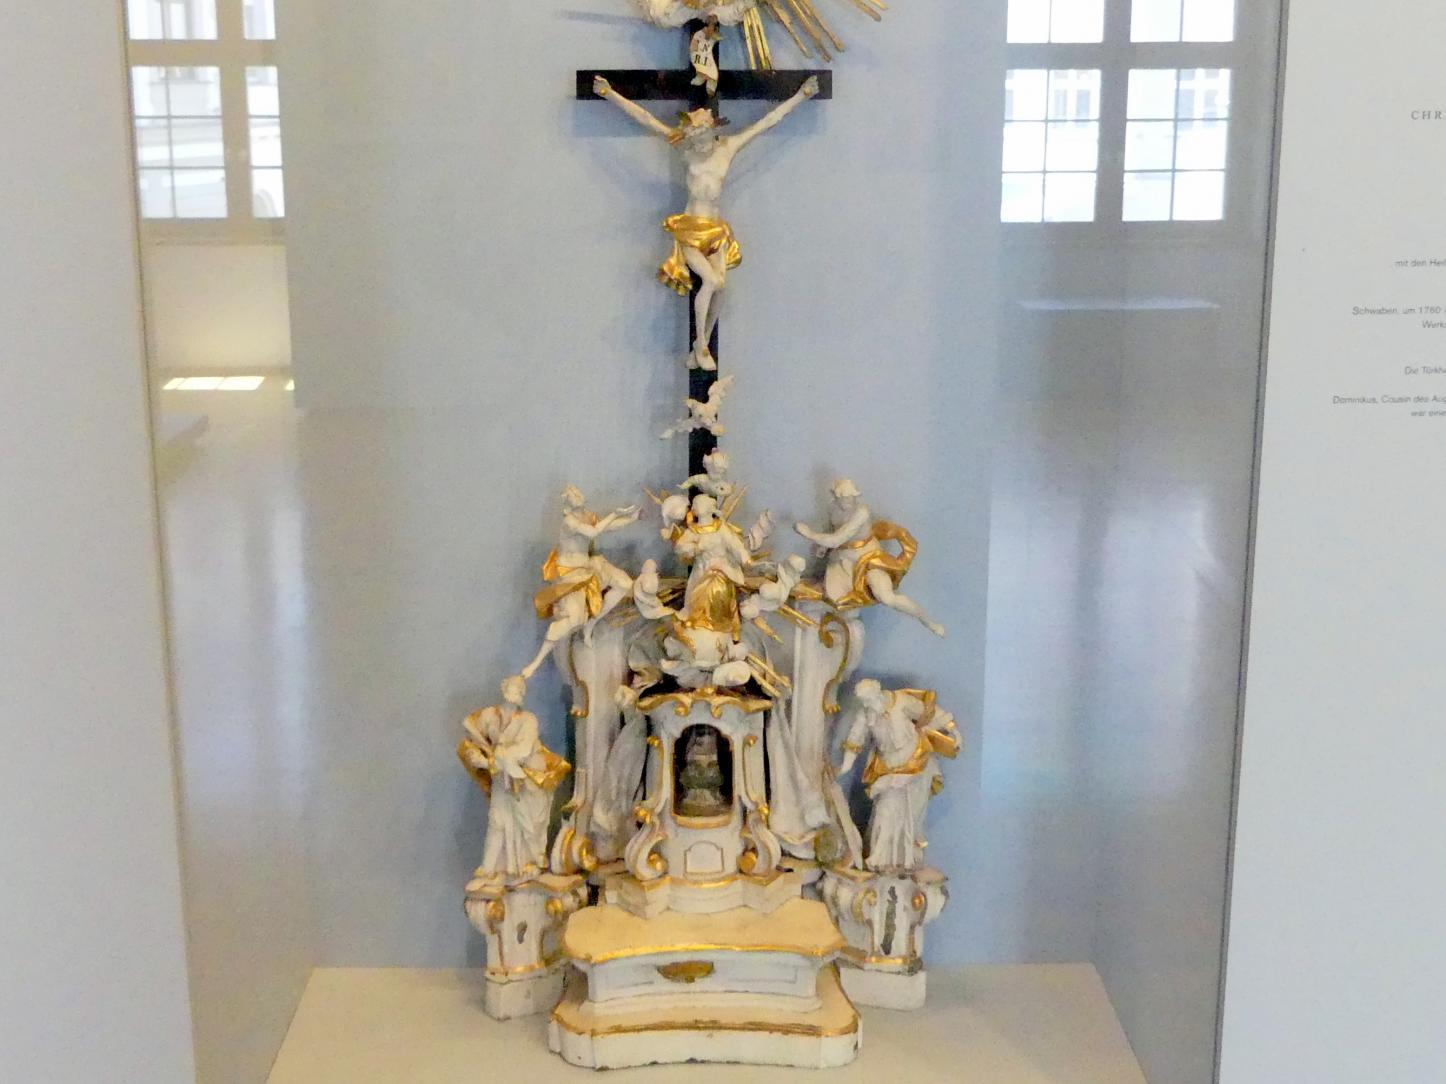 Altarmodell mit den Heiligen Petrus und Paulus, Maria Immaculata, dem Gekreuzigten und Gottvater, um 1760